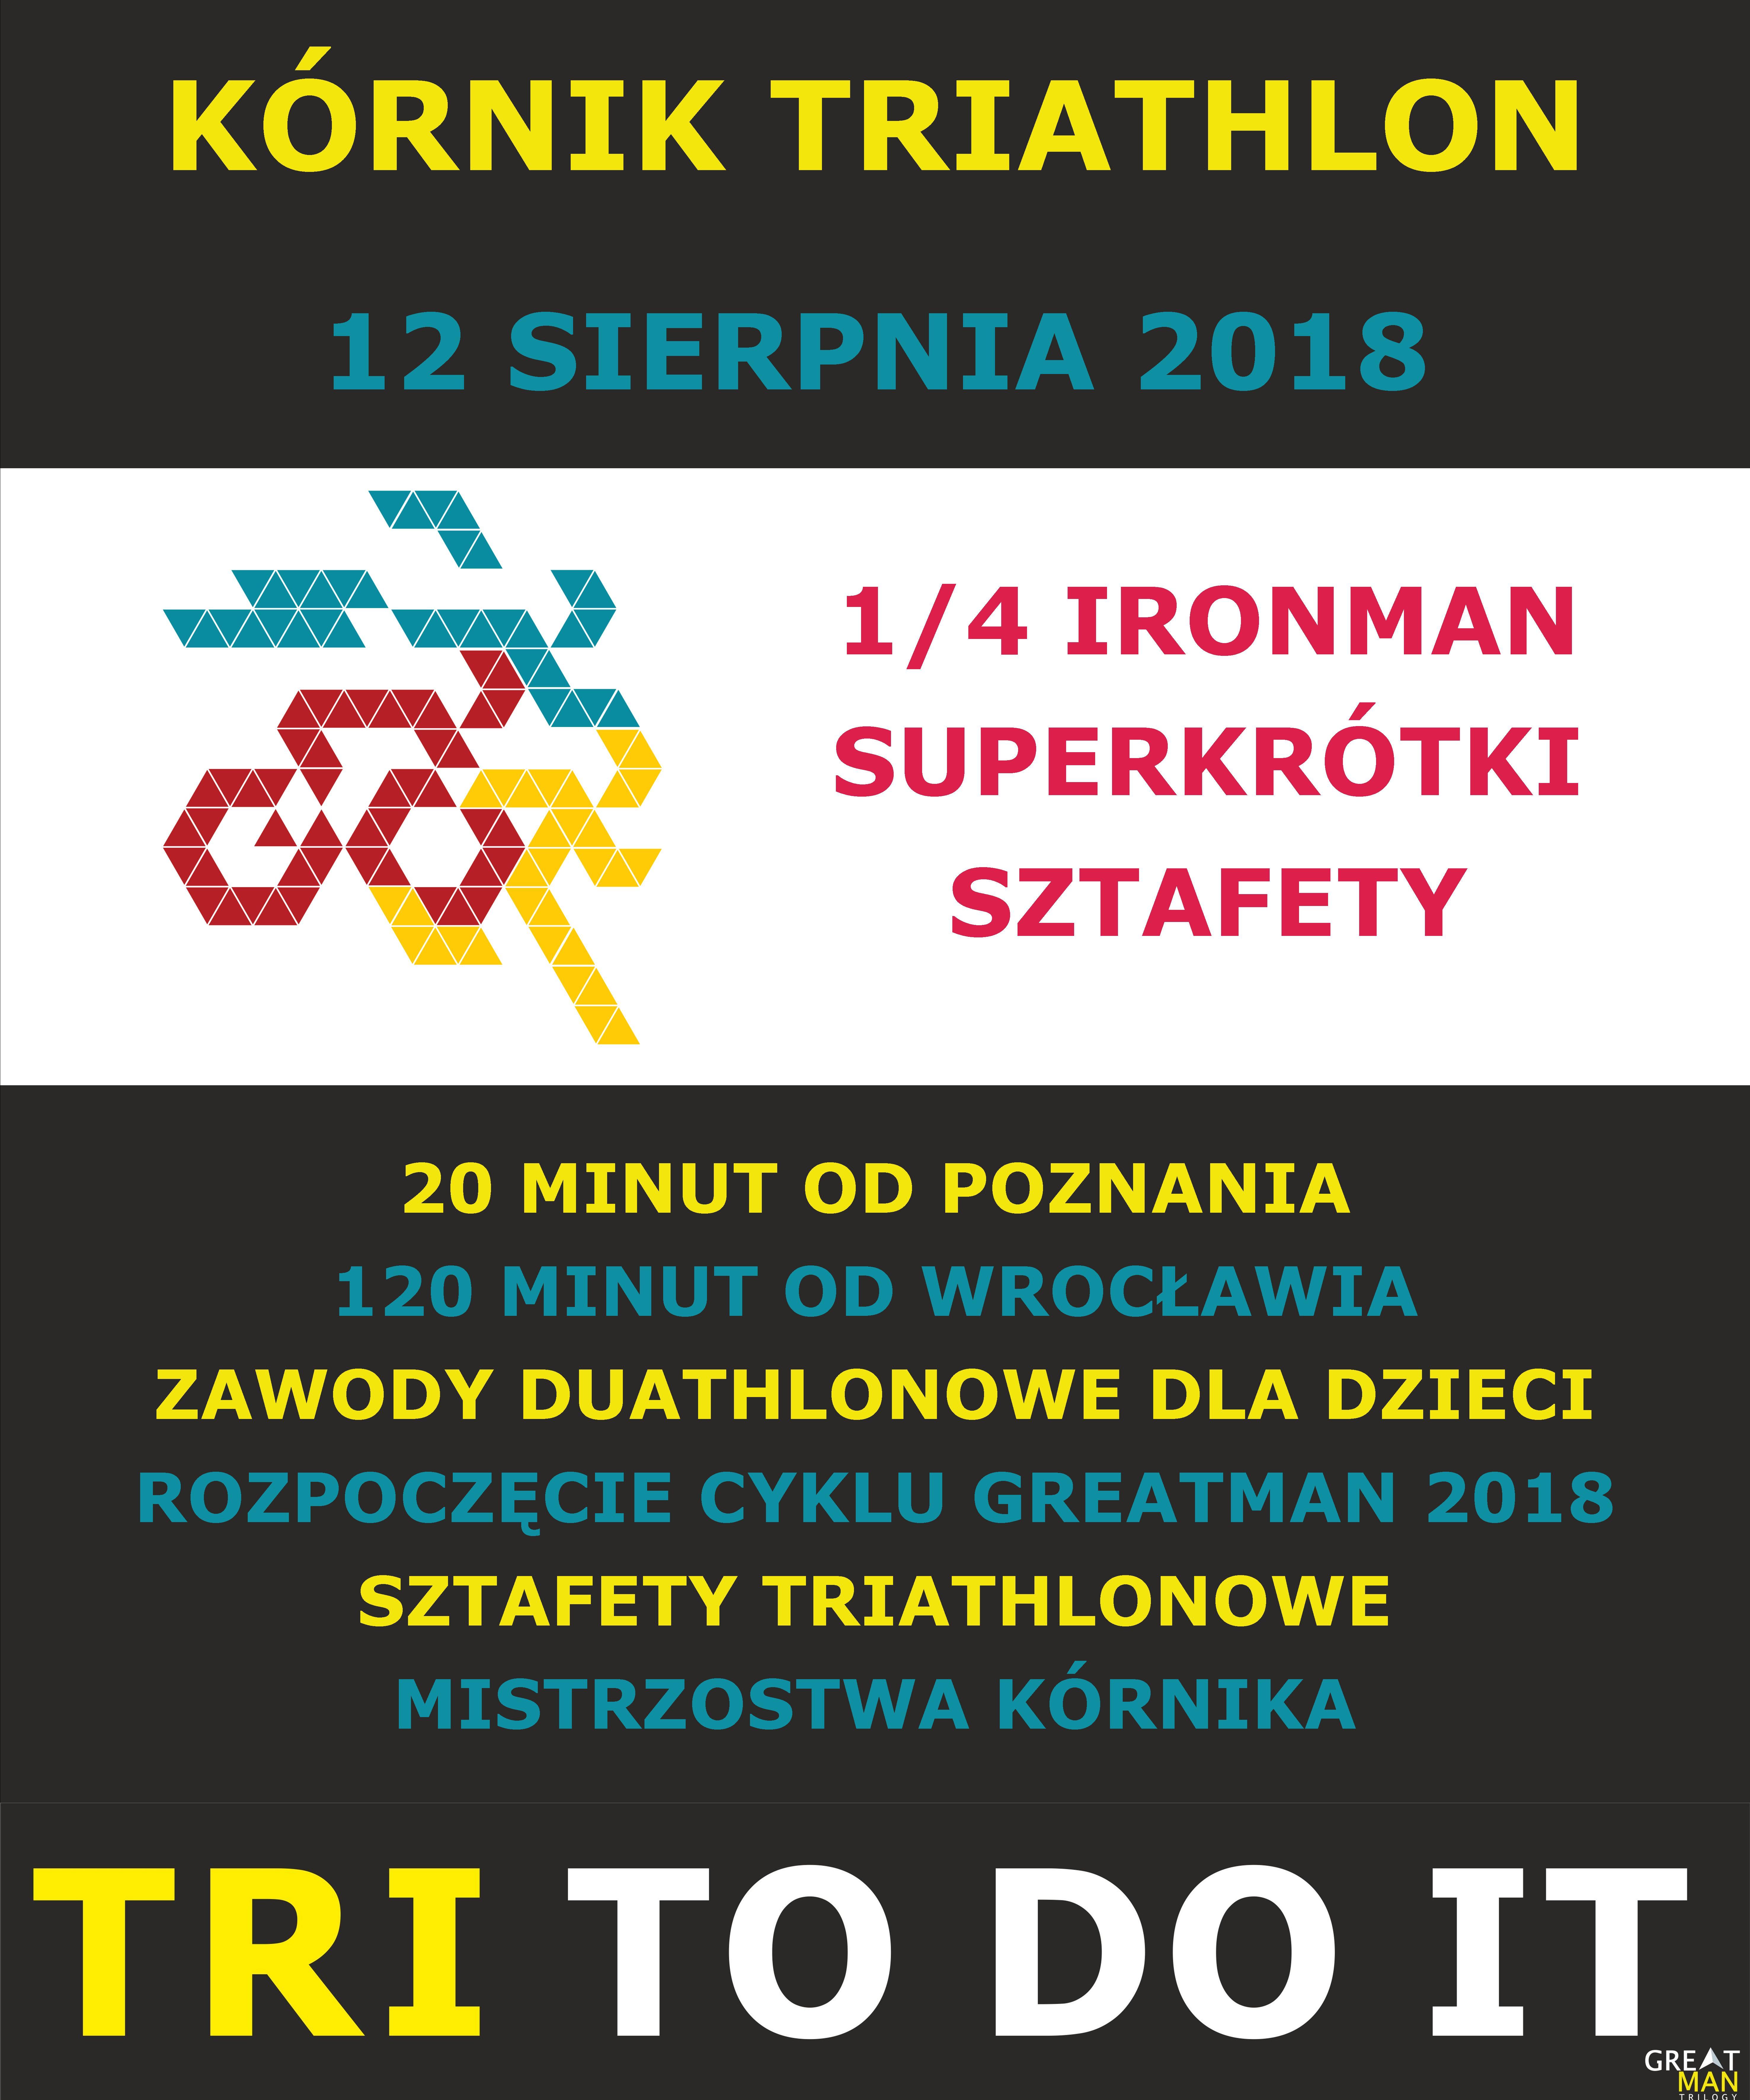 rollup kwadrat kornik 2018